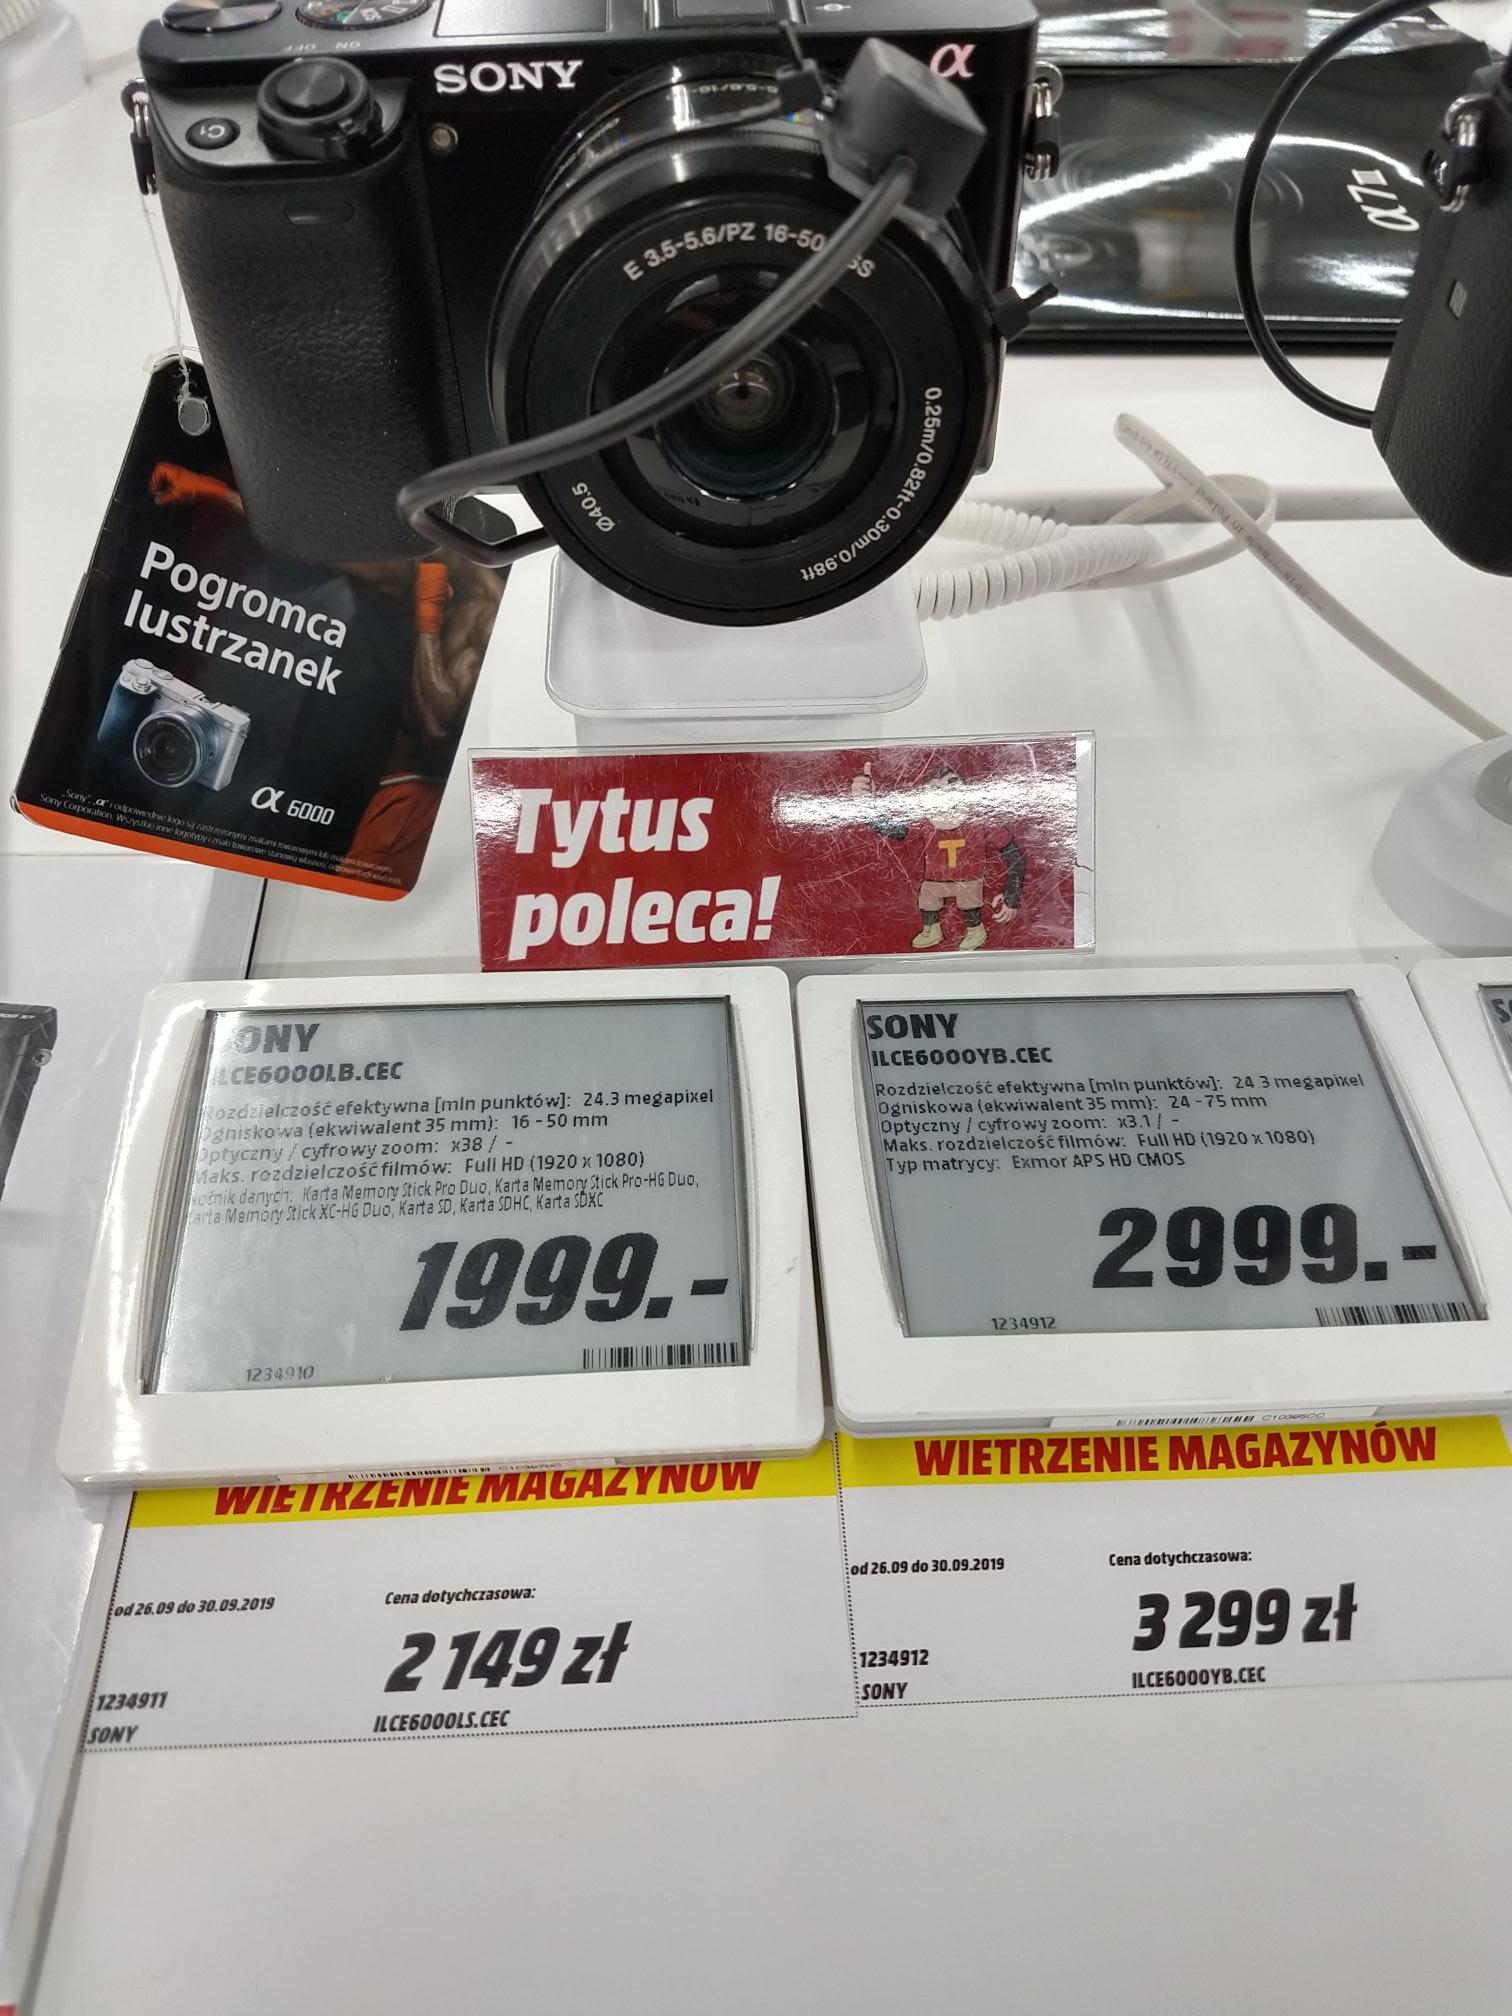 Aparat bezlusterkowy Sony a6000 taniej